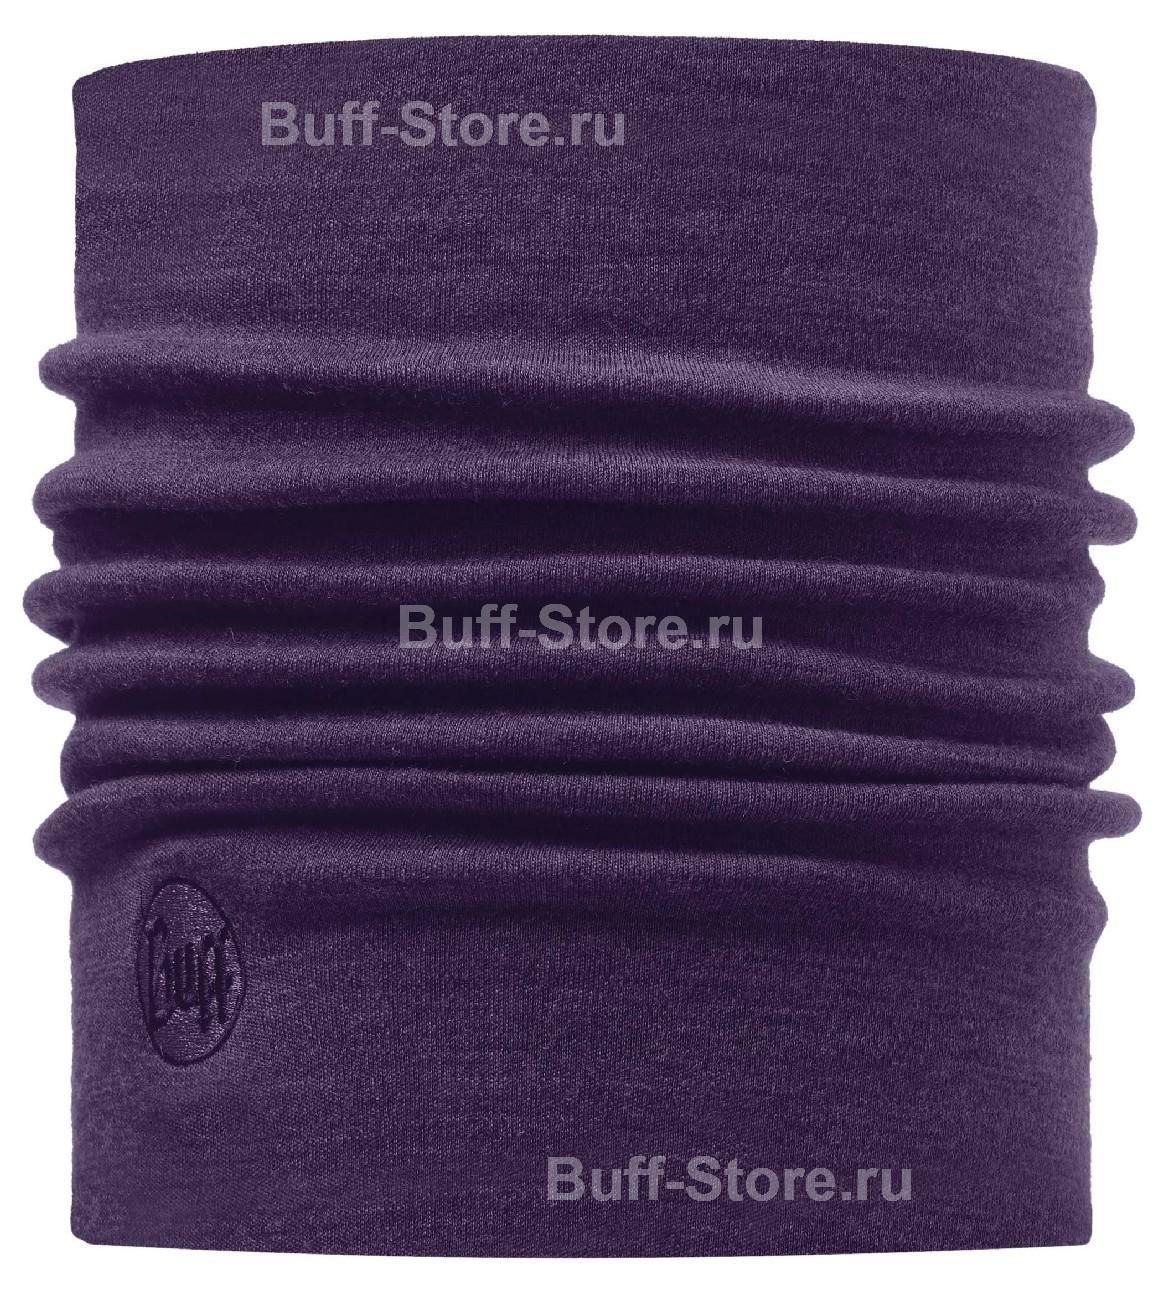 Шерстяные шарфы Зимний шарф-труба из шерсти Buff Plum 110965.00.jpg